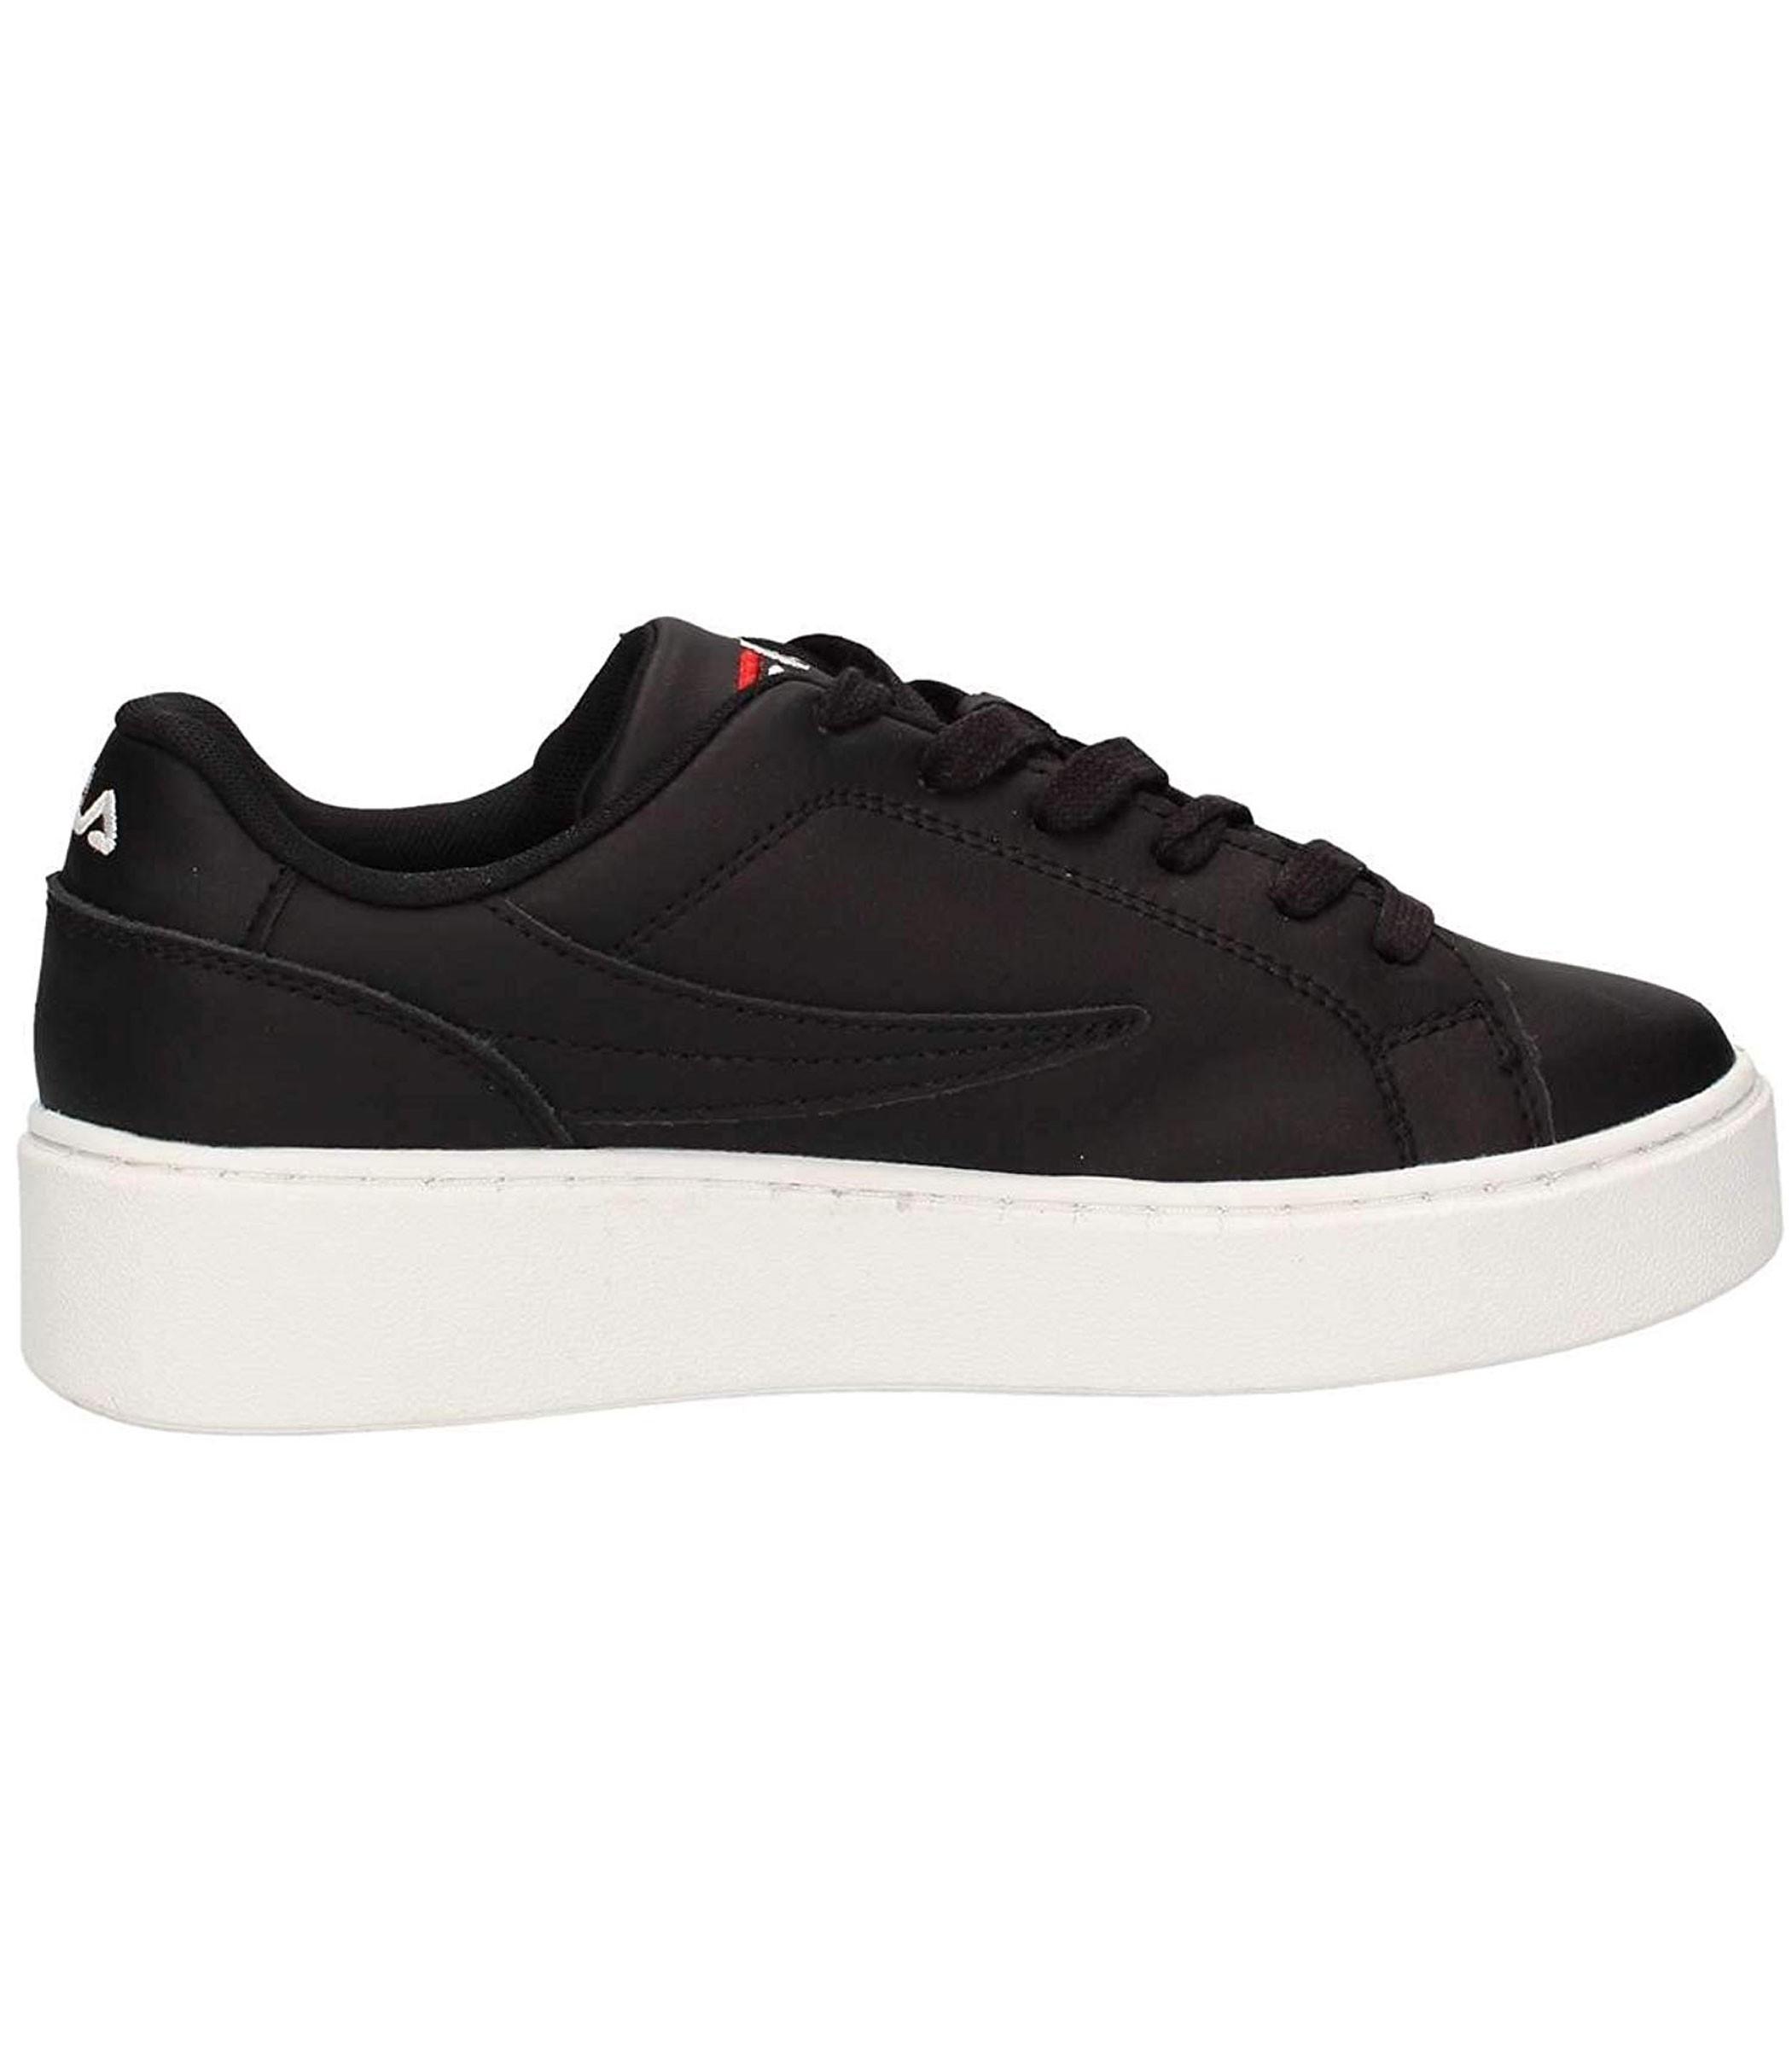 best sneakers d3db5 9c684 ... Scarpe Sneakers FILA Da Ginnastica in Pelle Nera Da Donna ...